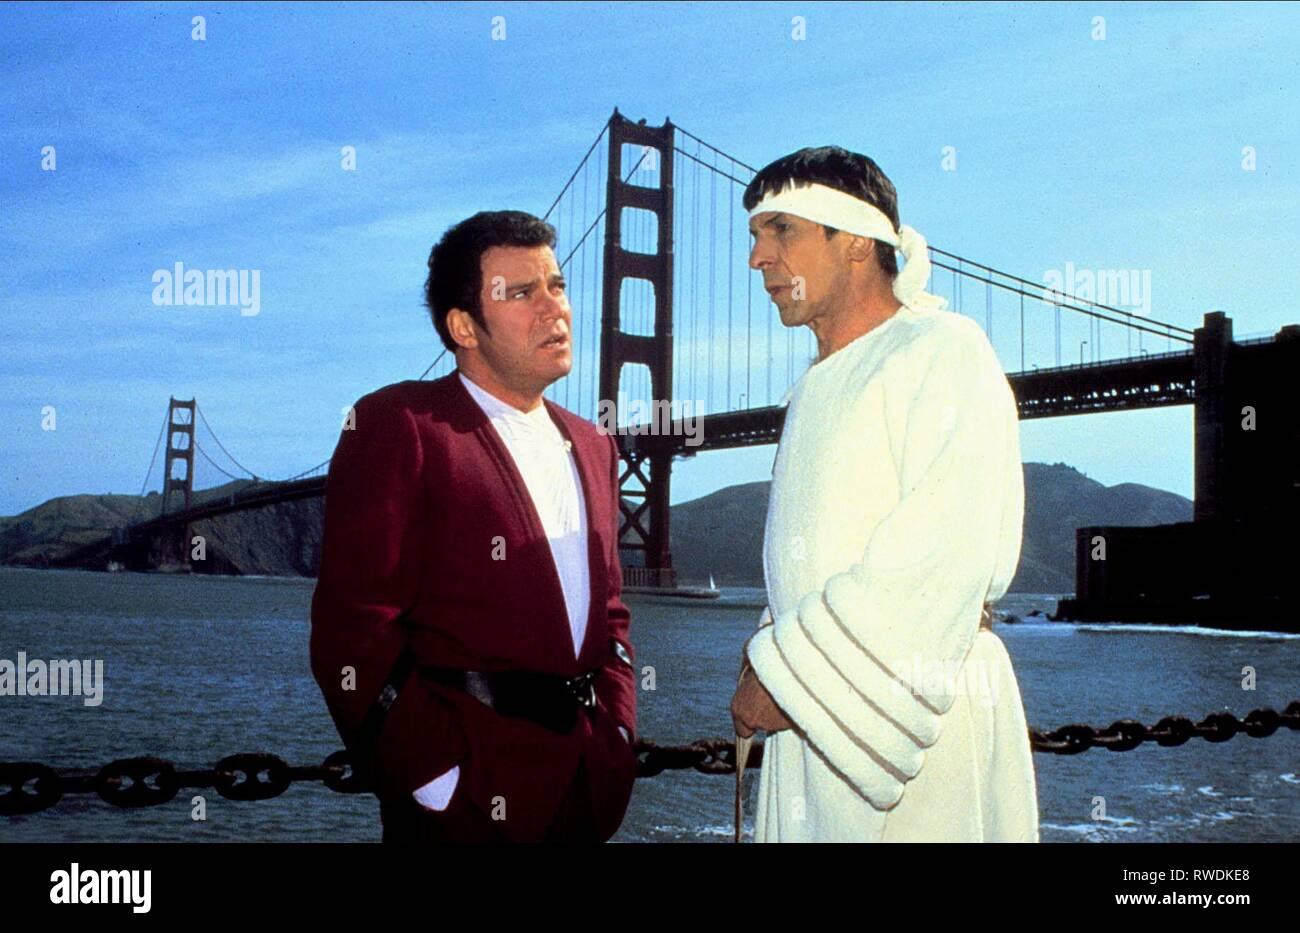 SHATNER,NIMOY, STAR TREK IV: THE VOYAGE HOME, 1986 Stock Photo